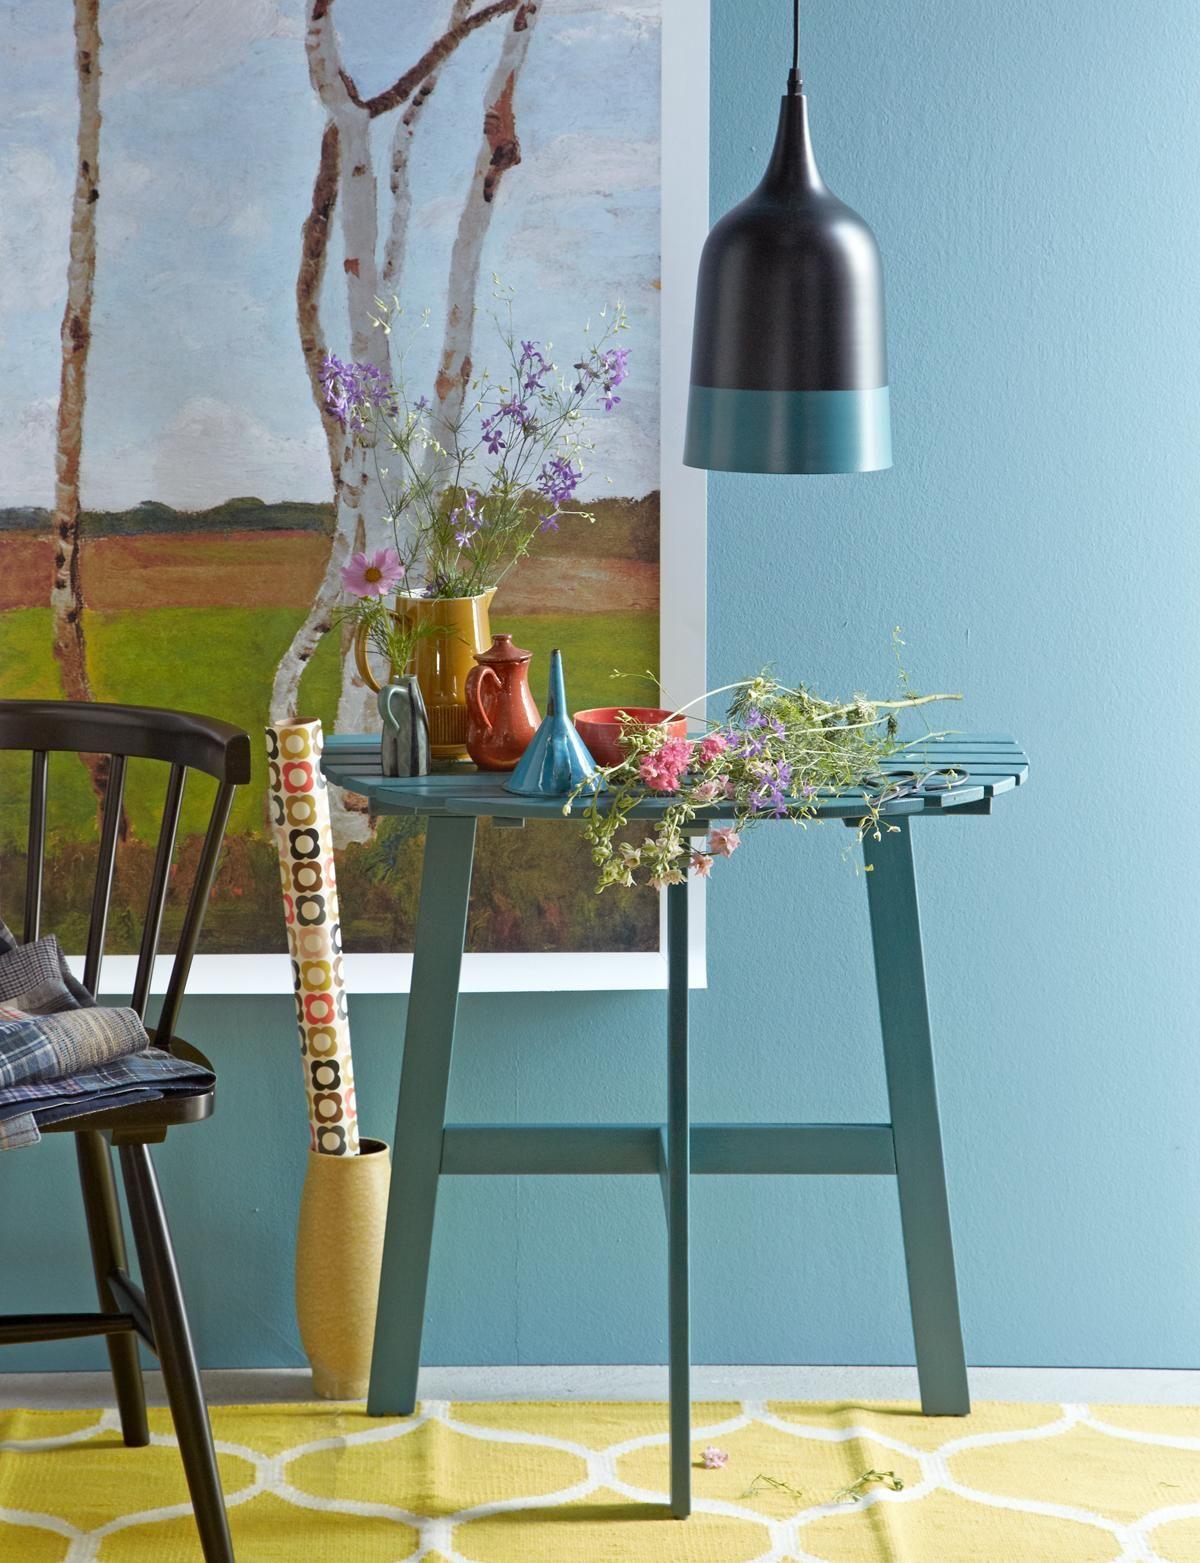 farben und wohntipps f r kleine r ume home pinterest das geheimnis geheimnis und raum. Black Bedroom Furniture Sets. Home Design Ideas